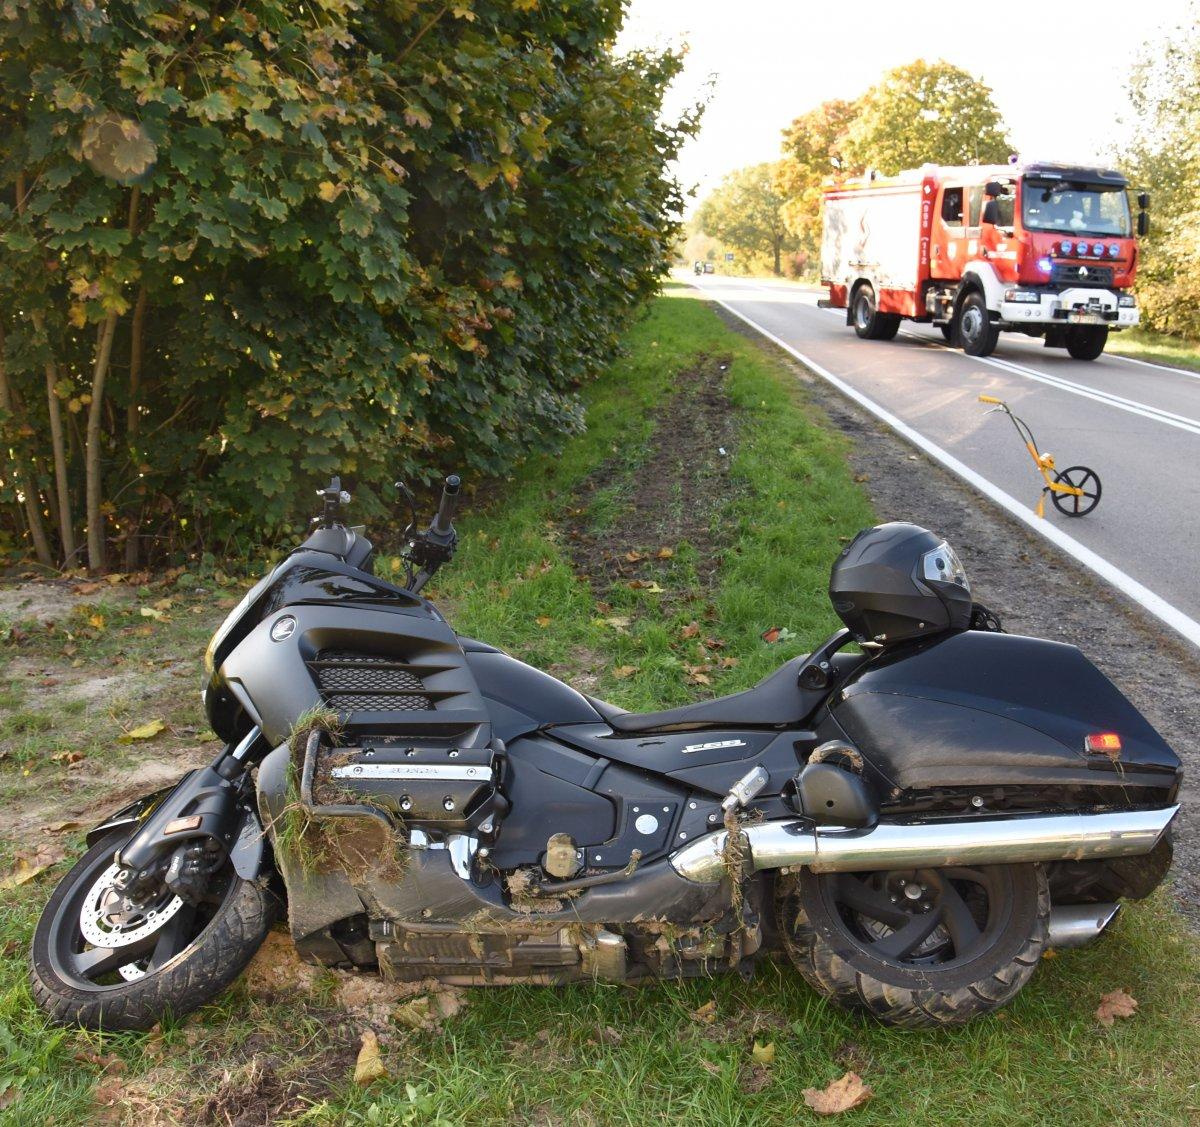 Powiat puławski: Motocykl zderzył się z samochodem. Jeden kierowca w szpitalu - Zdjęcie główne